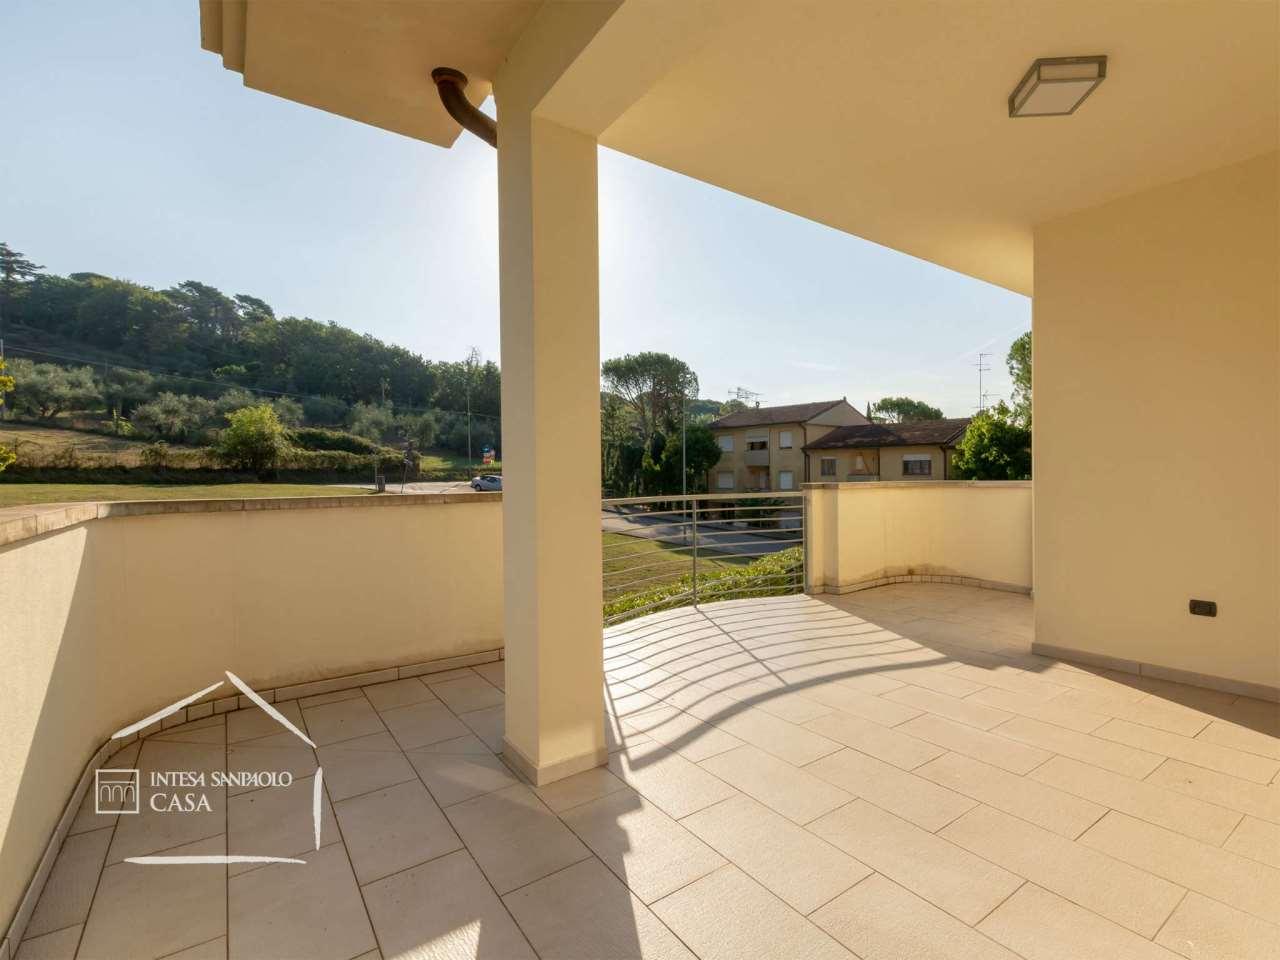 Villa in Vendita a Montecatini-Terme: 3 locali, 293 mq - Foto 5